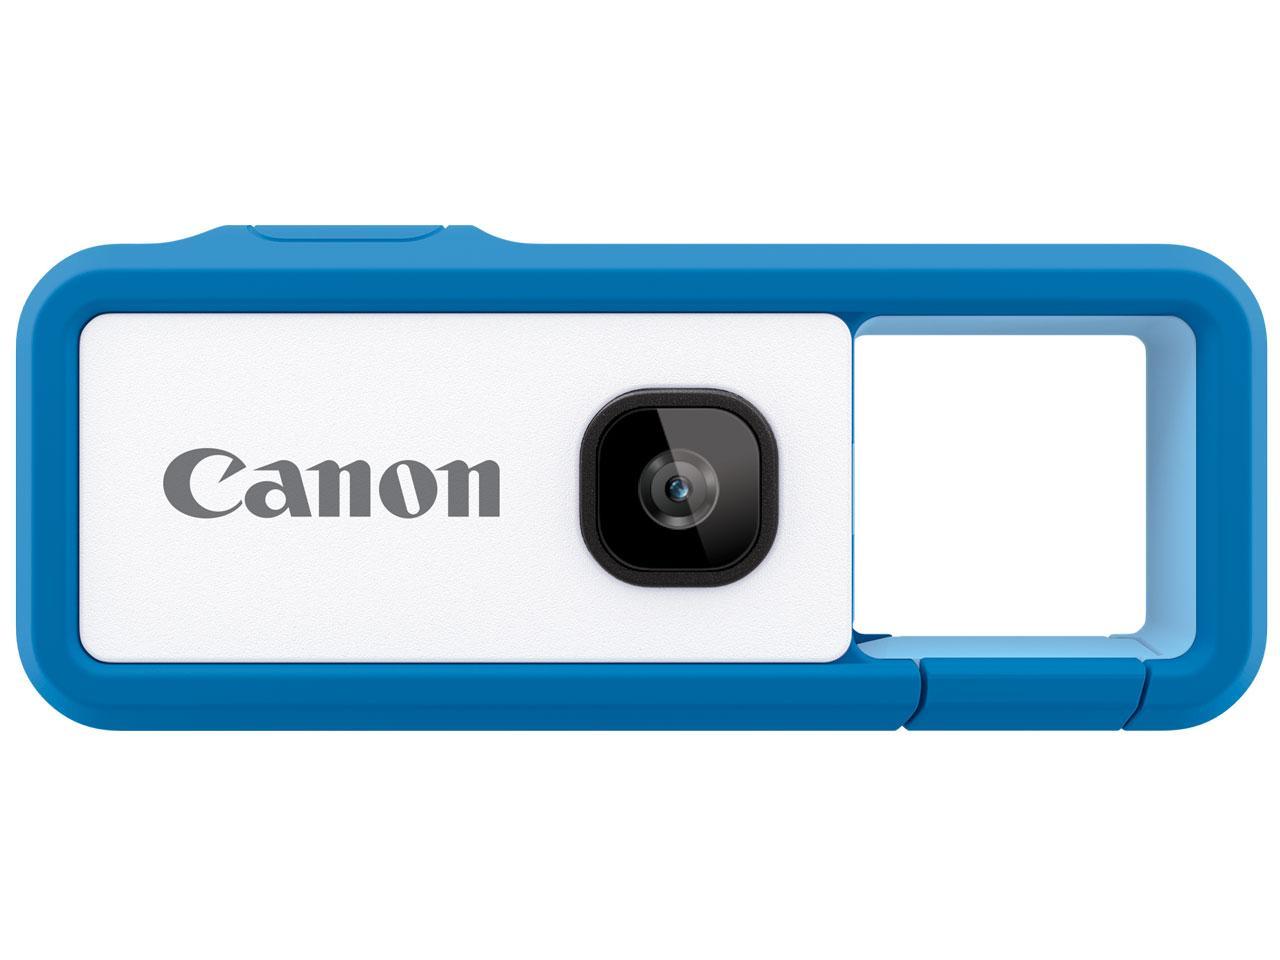 キヤノンデジタルカメラ iNSPiC REC FV-100 BLUE(FV-100 BLUE)